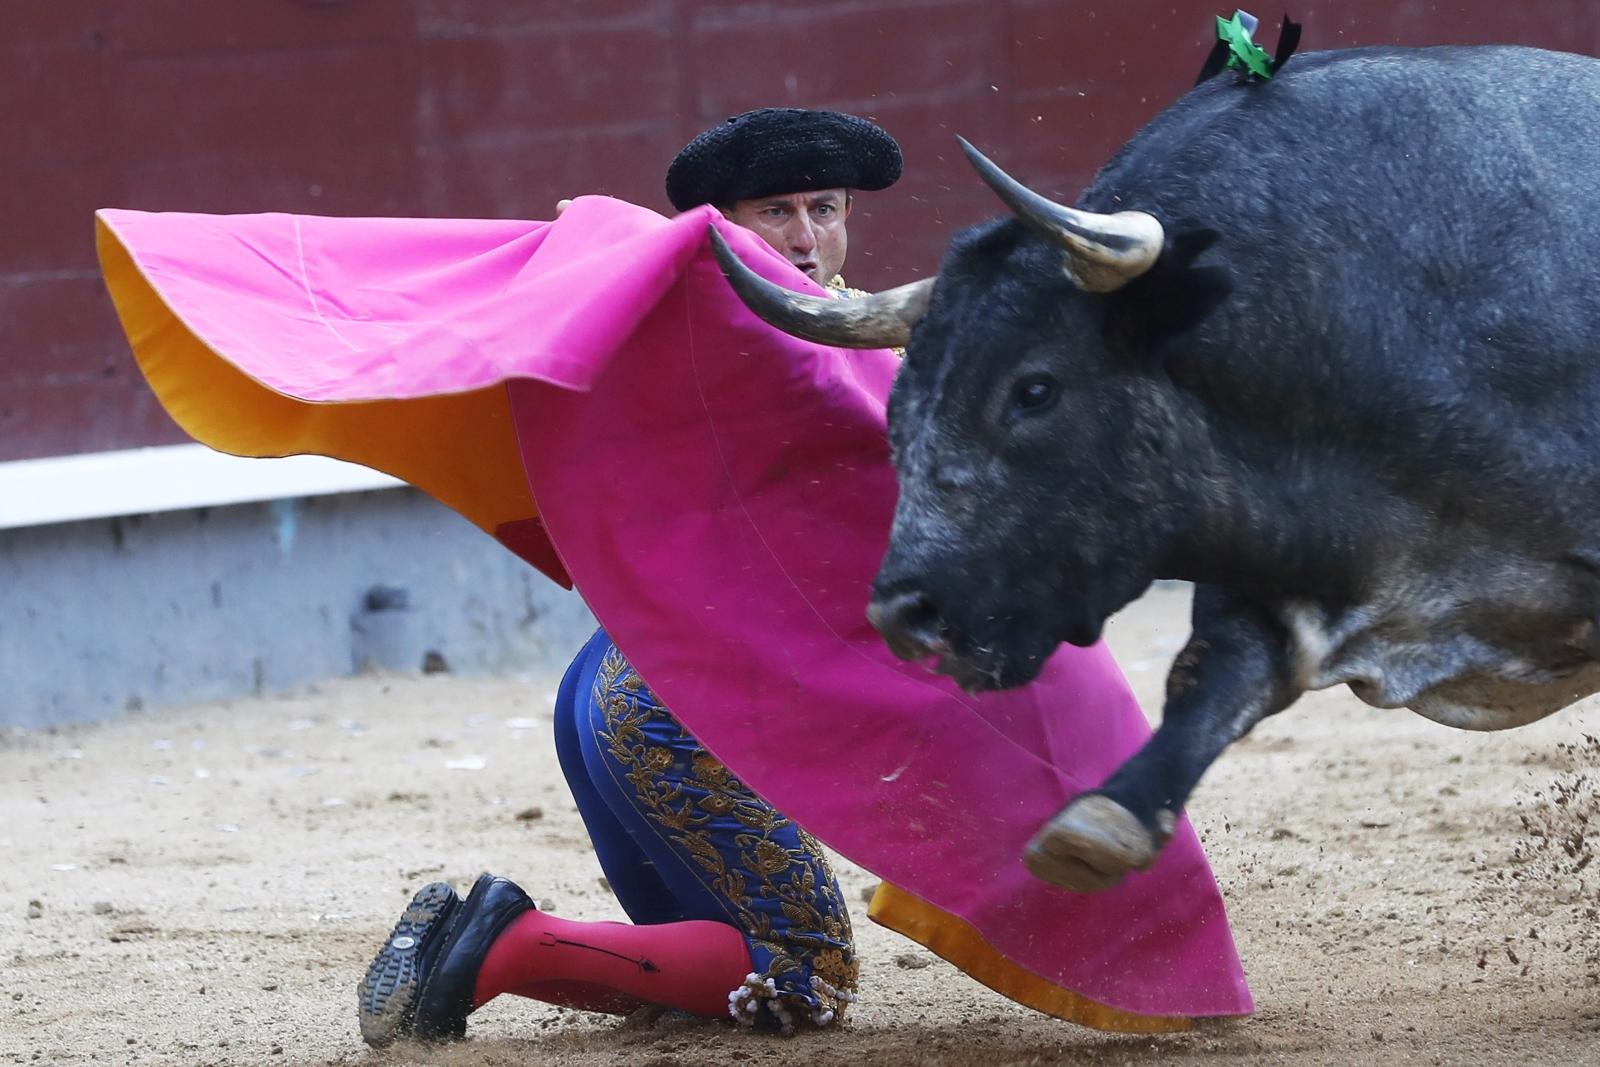 Hiszpański torreador Rafael Rubio w trakcie walki z bykiem, Madryt, Hiszpania.